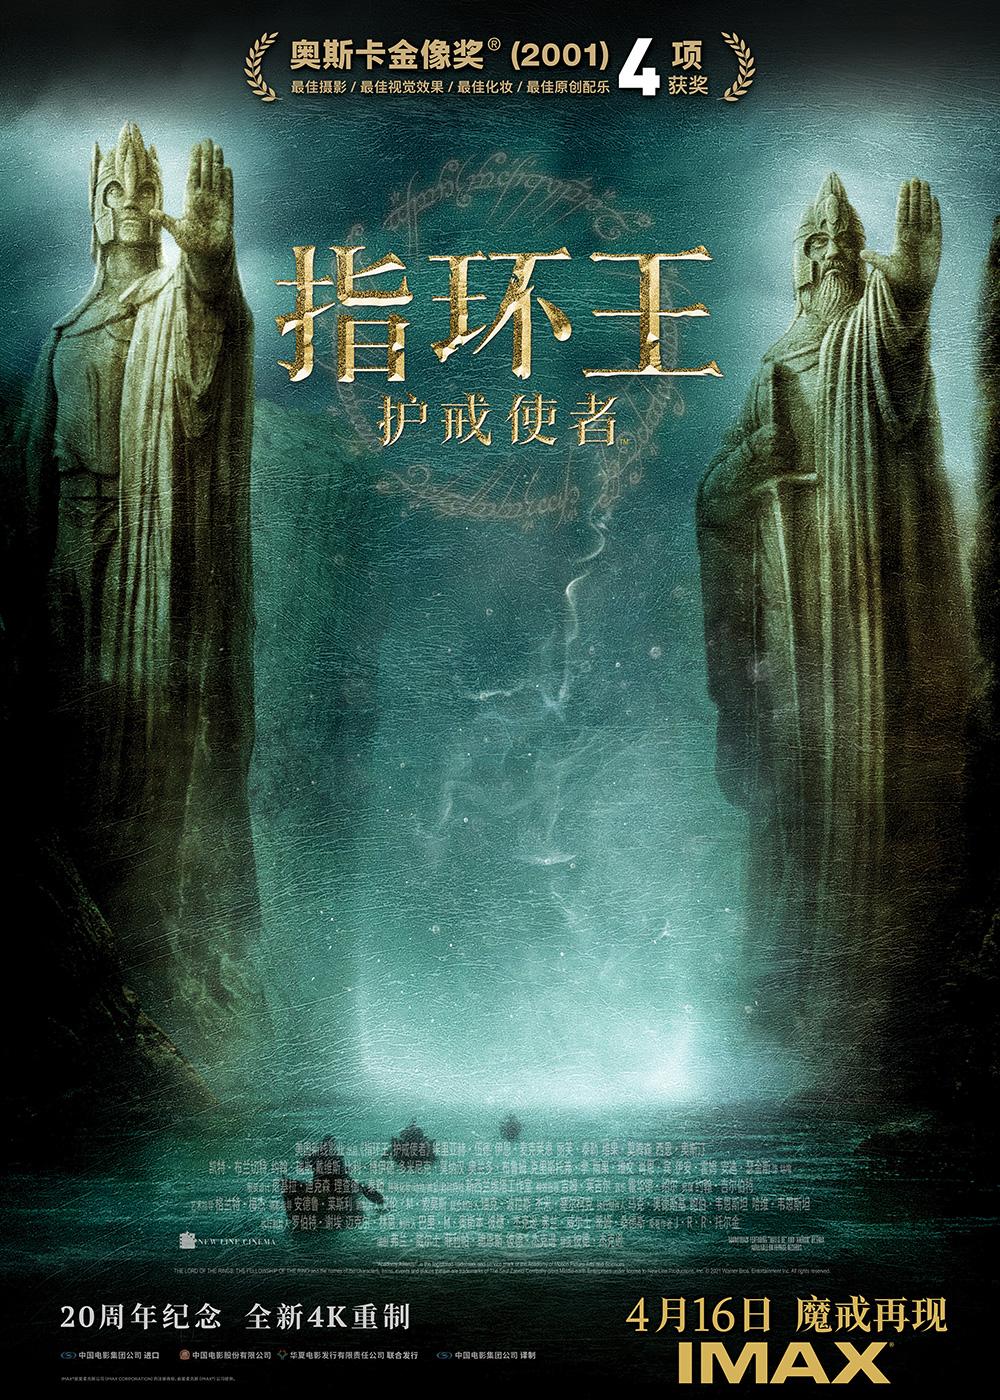 《指环王》重映首日266万 暌违20年首登内地IMAX银幕